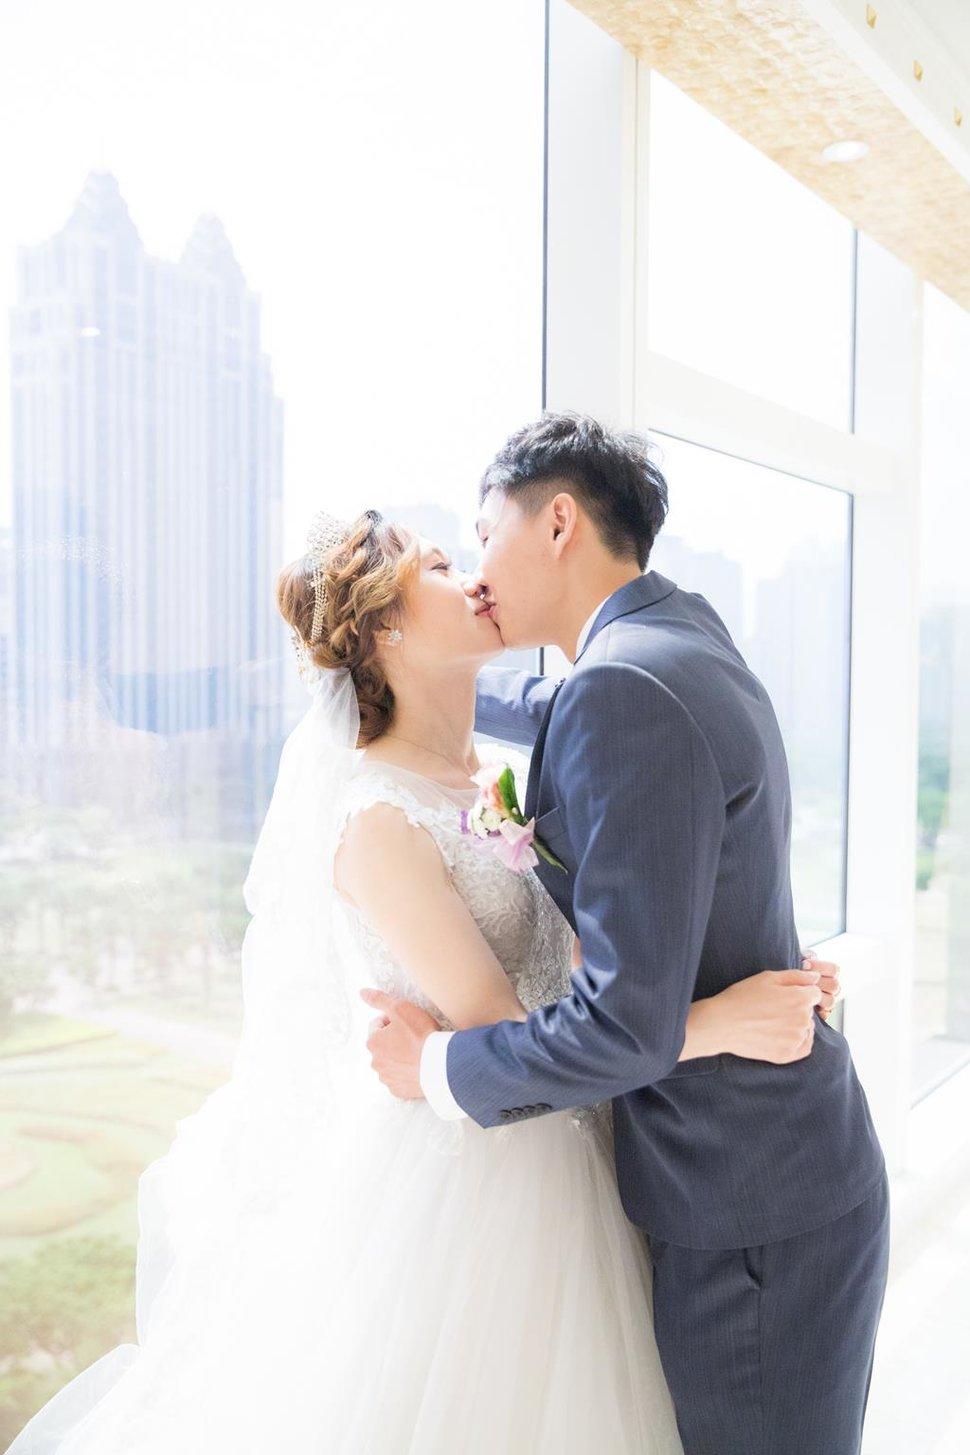 秉鴻&佩瑄記實攝影-438 - Mr. Happiness 幸福先生《結婚吧》